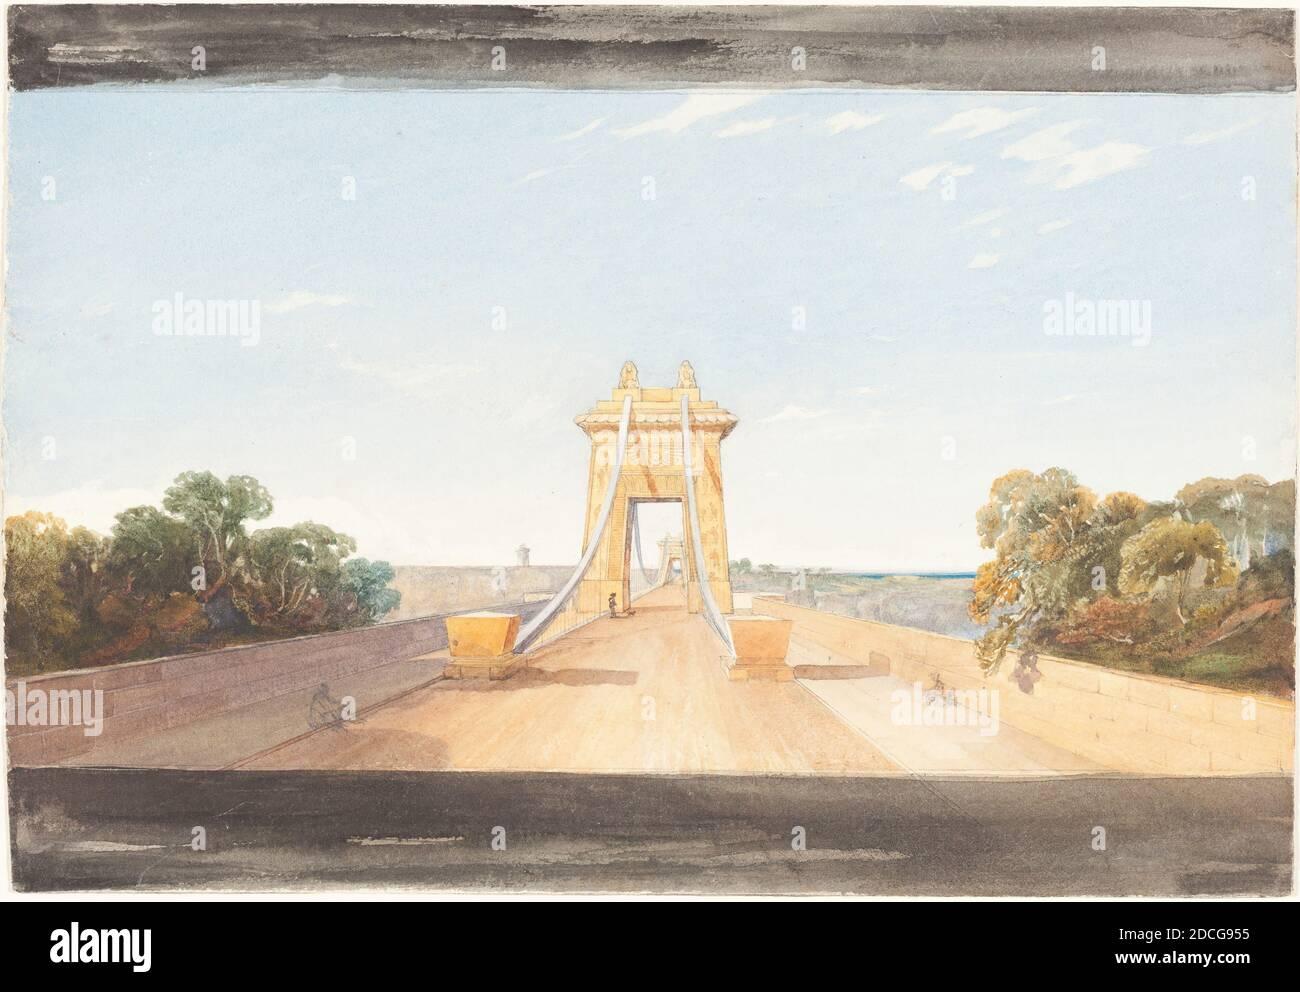 James Bulwer, (artiste), British, 1794 - 1879, Clifton suspension Bridge près de Bristol, c. 1832, aquarelle et graphite, hors tout (environ) : 18.8 x 27.4 cm (7 3/8 x 10 13/16 po Banque D'Images